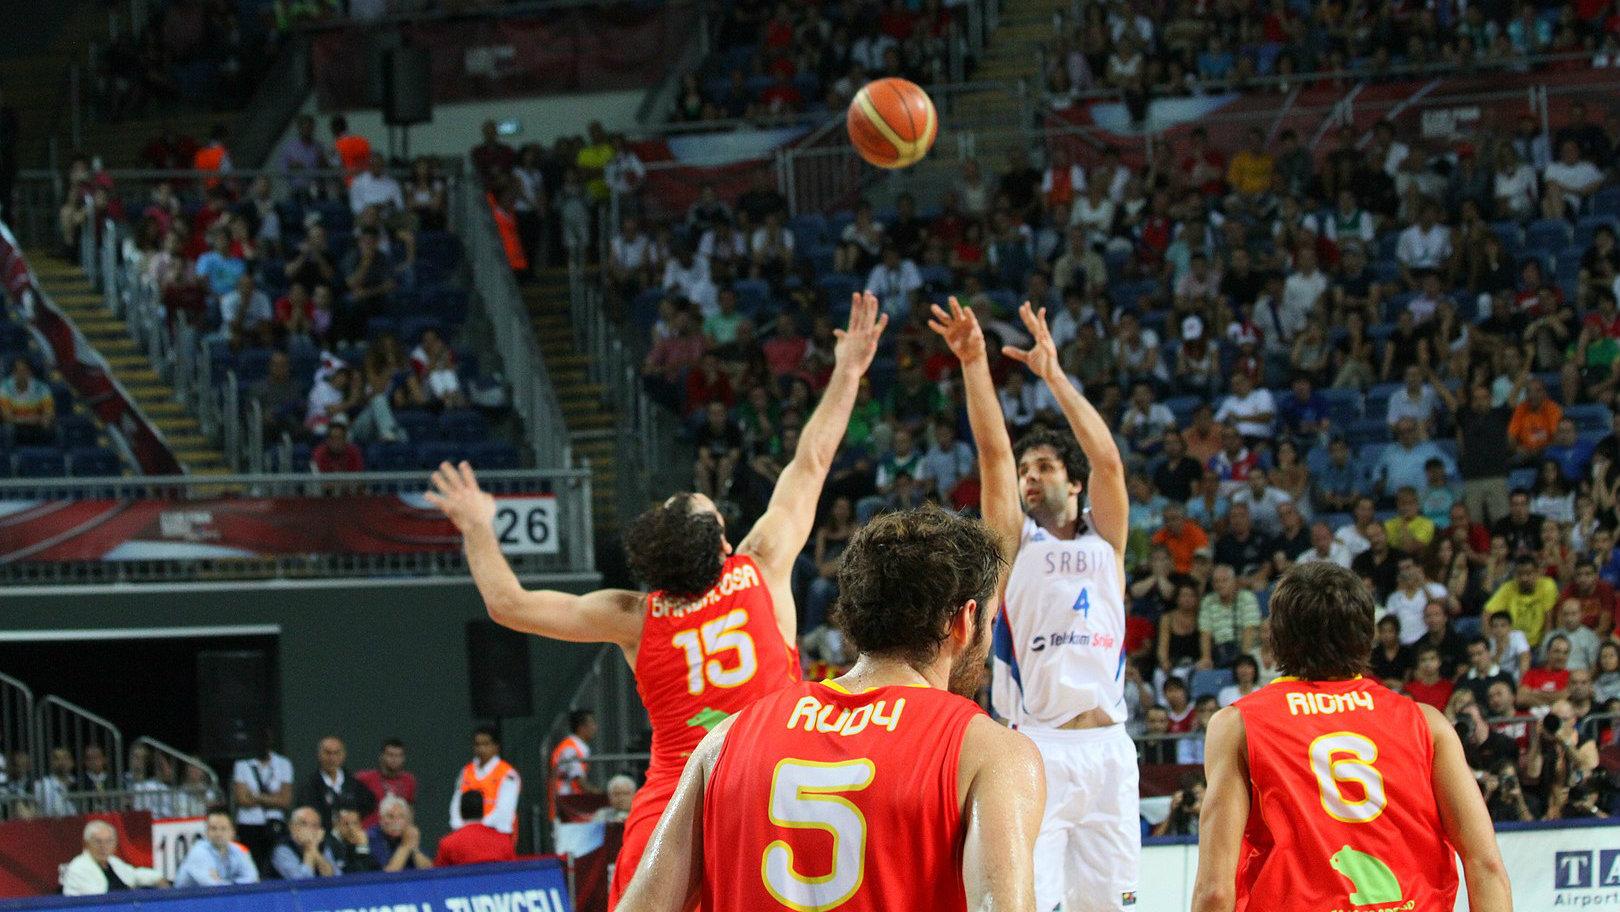 TURSKA 2010: Povratak Srbije u elitu, SAD konačno do zlata 1